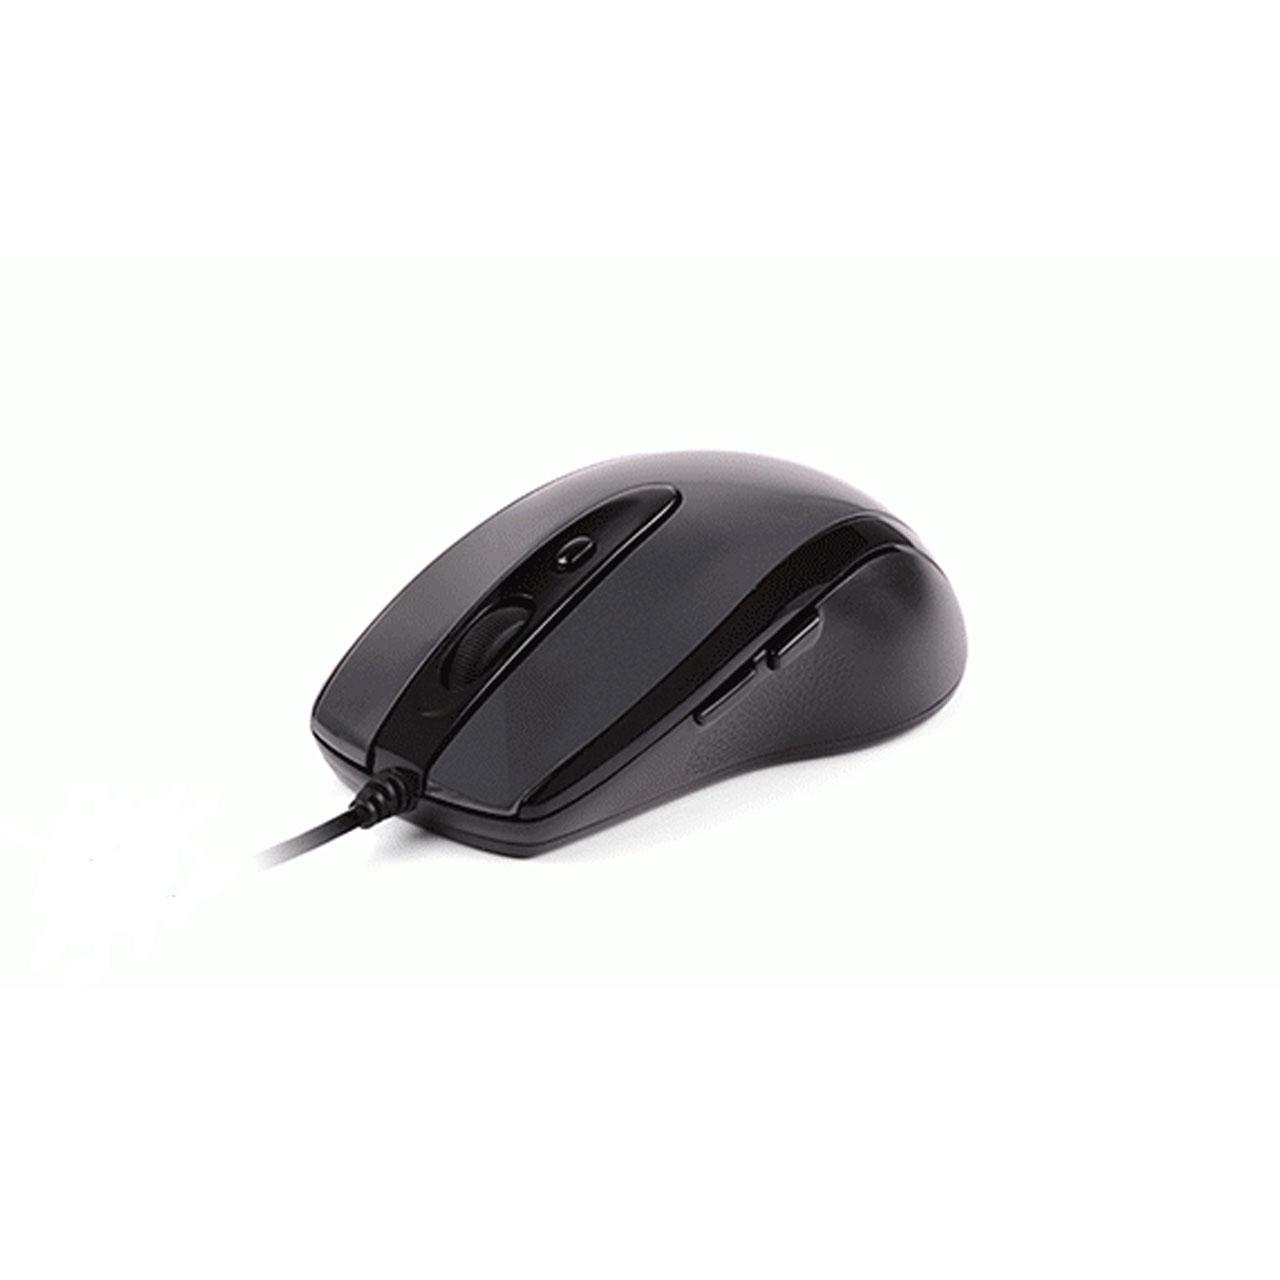 ماوس-A4tech-N-708-X--